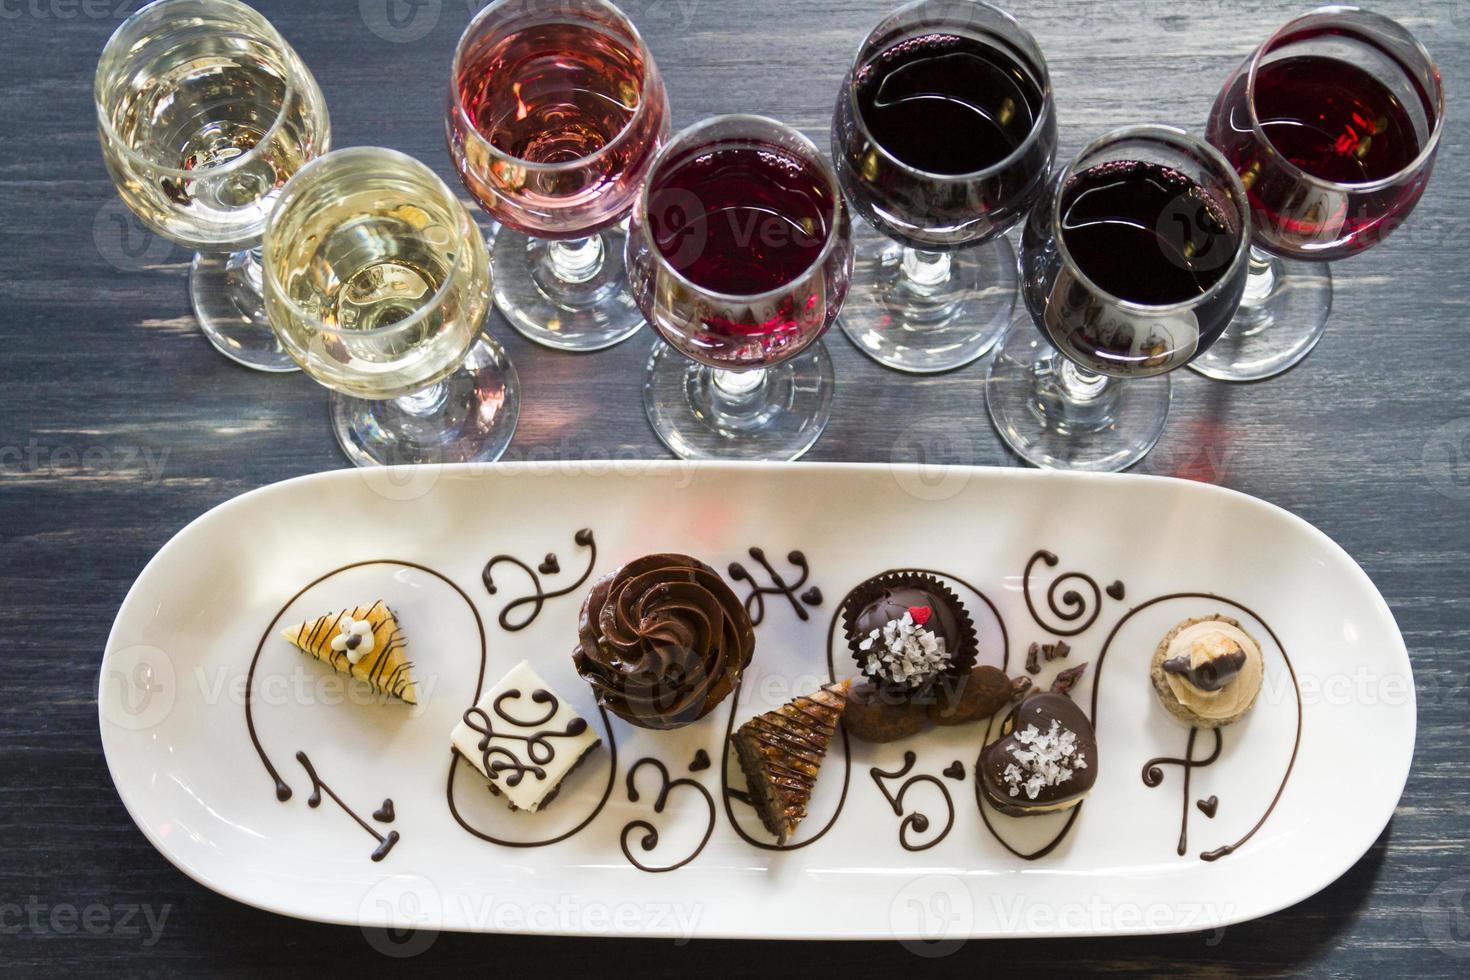 vinho e chocolates foto